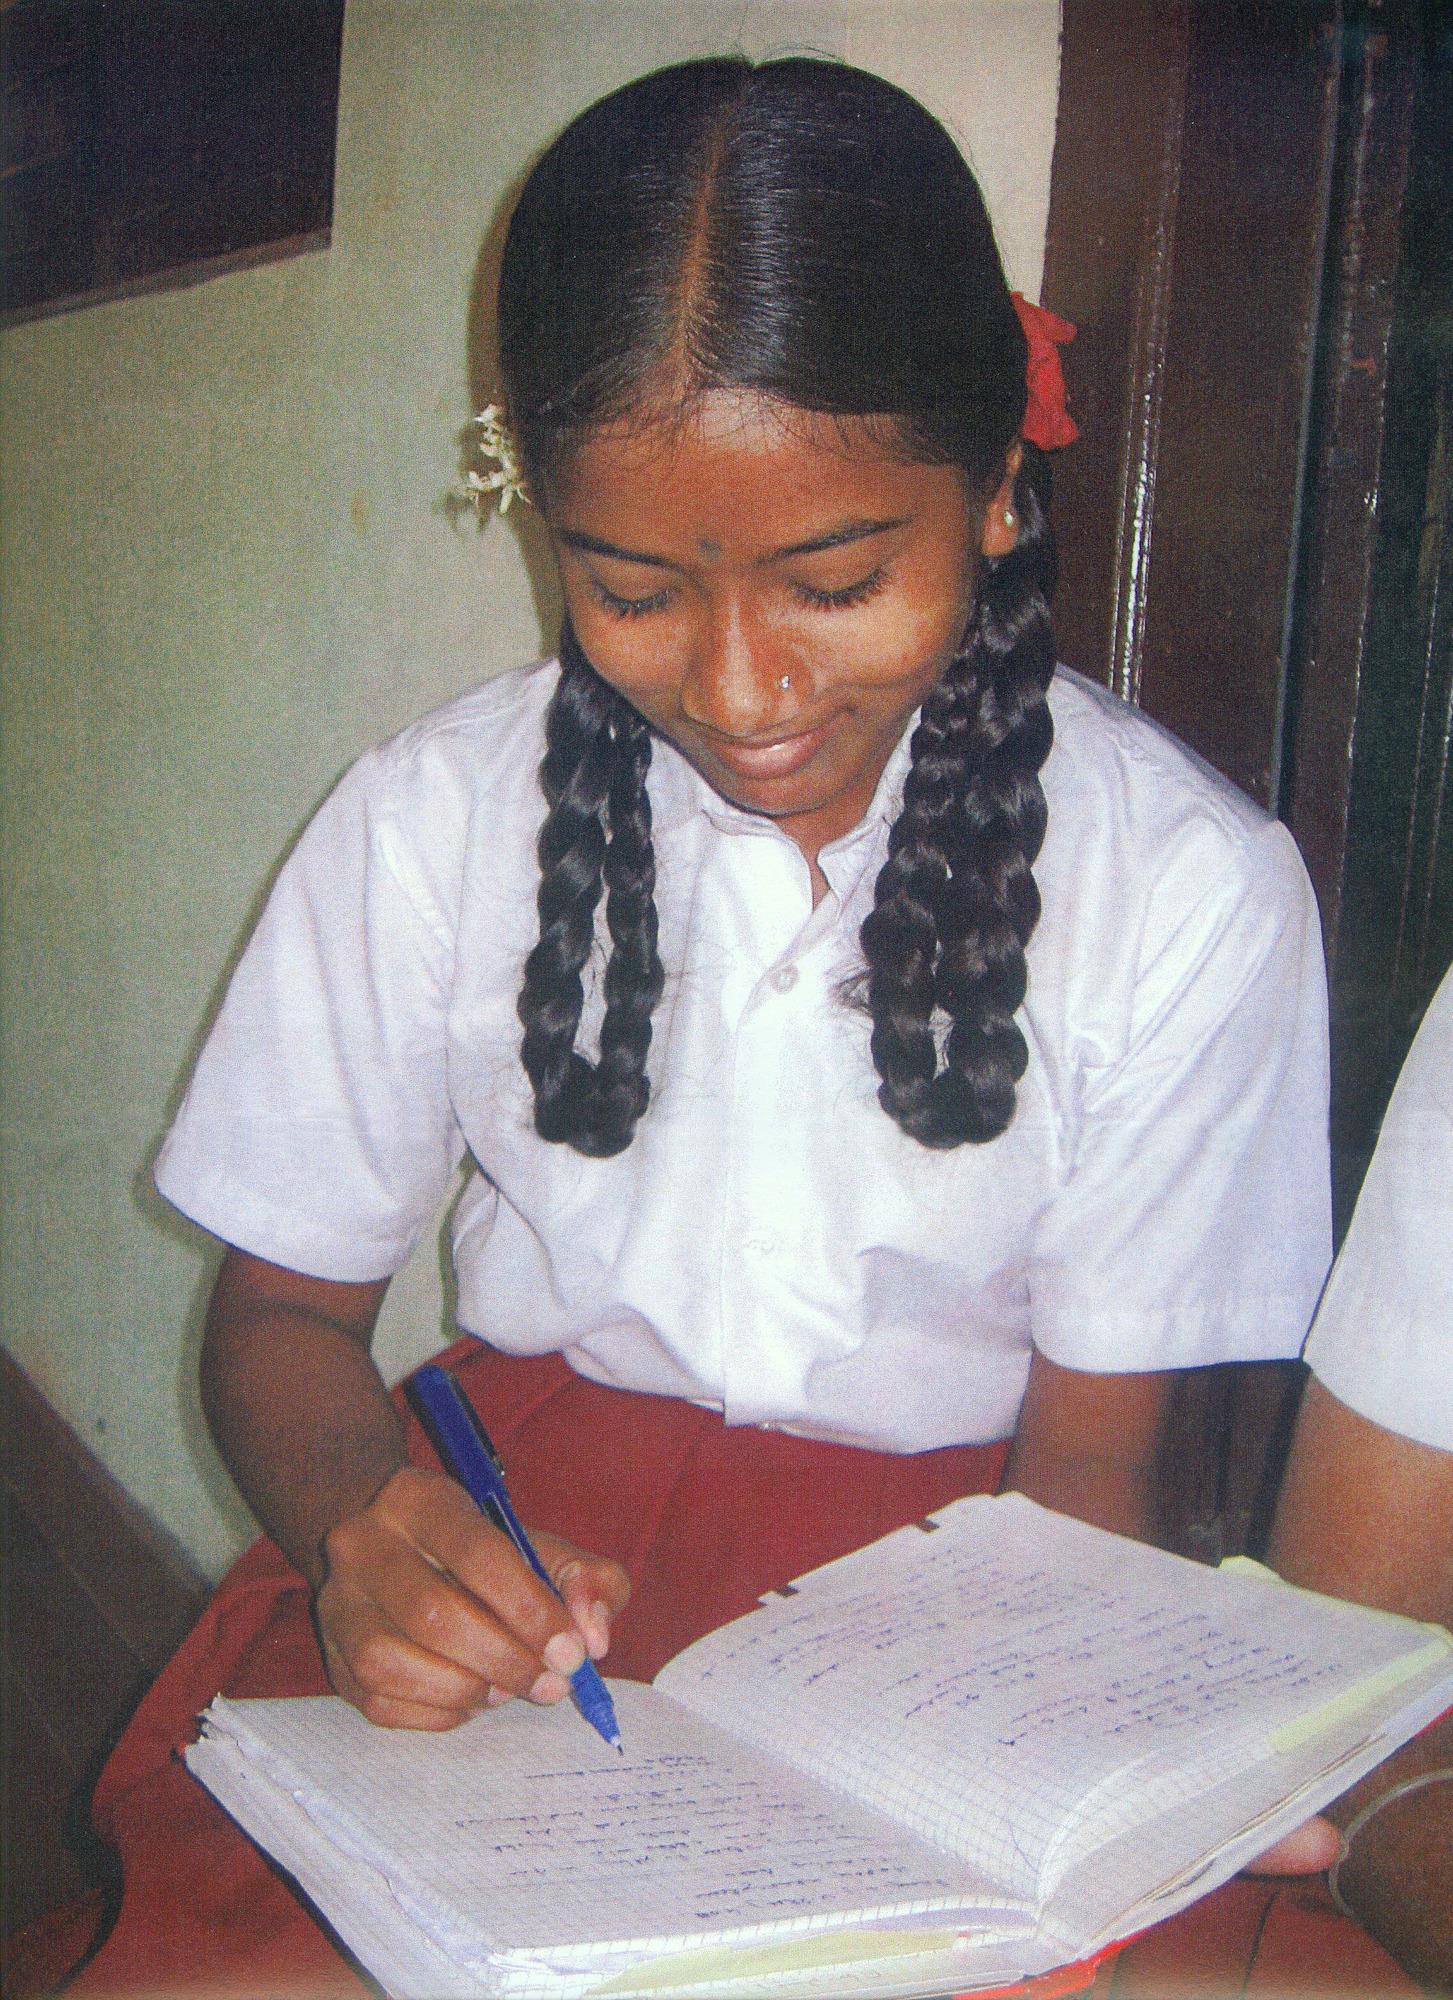 Hilfe für indische Dorffrauen - Startseite - Teckbote